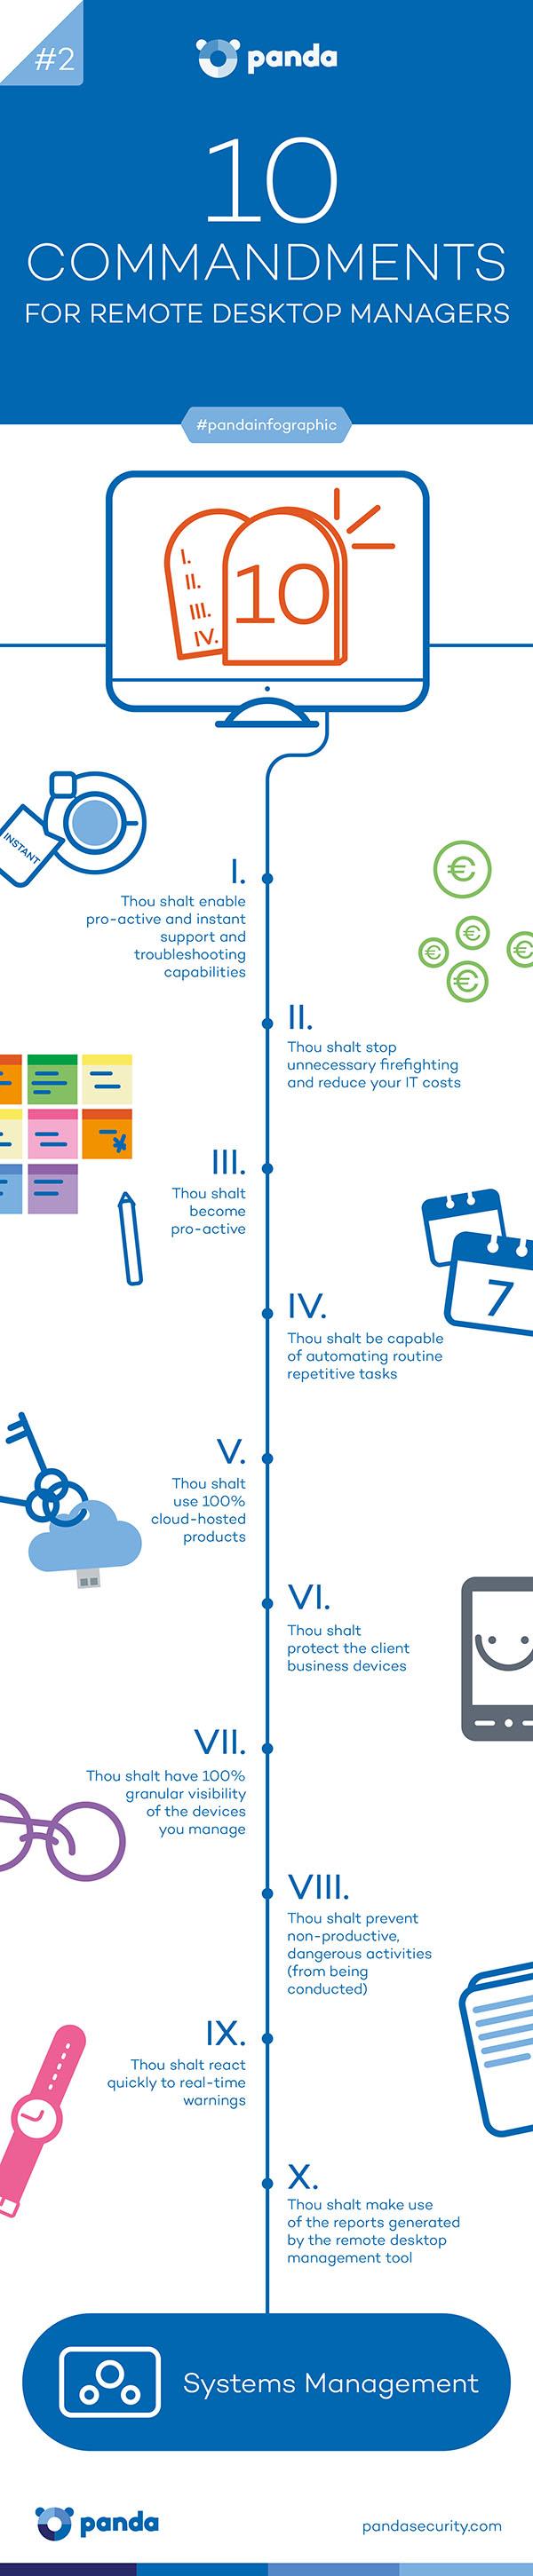 10-commandments-desktop-managers1